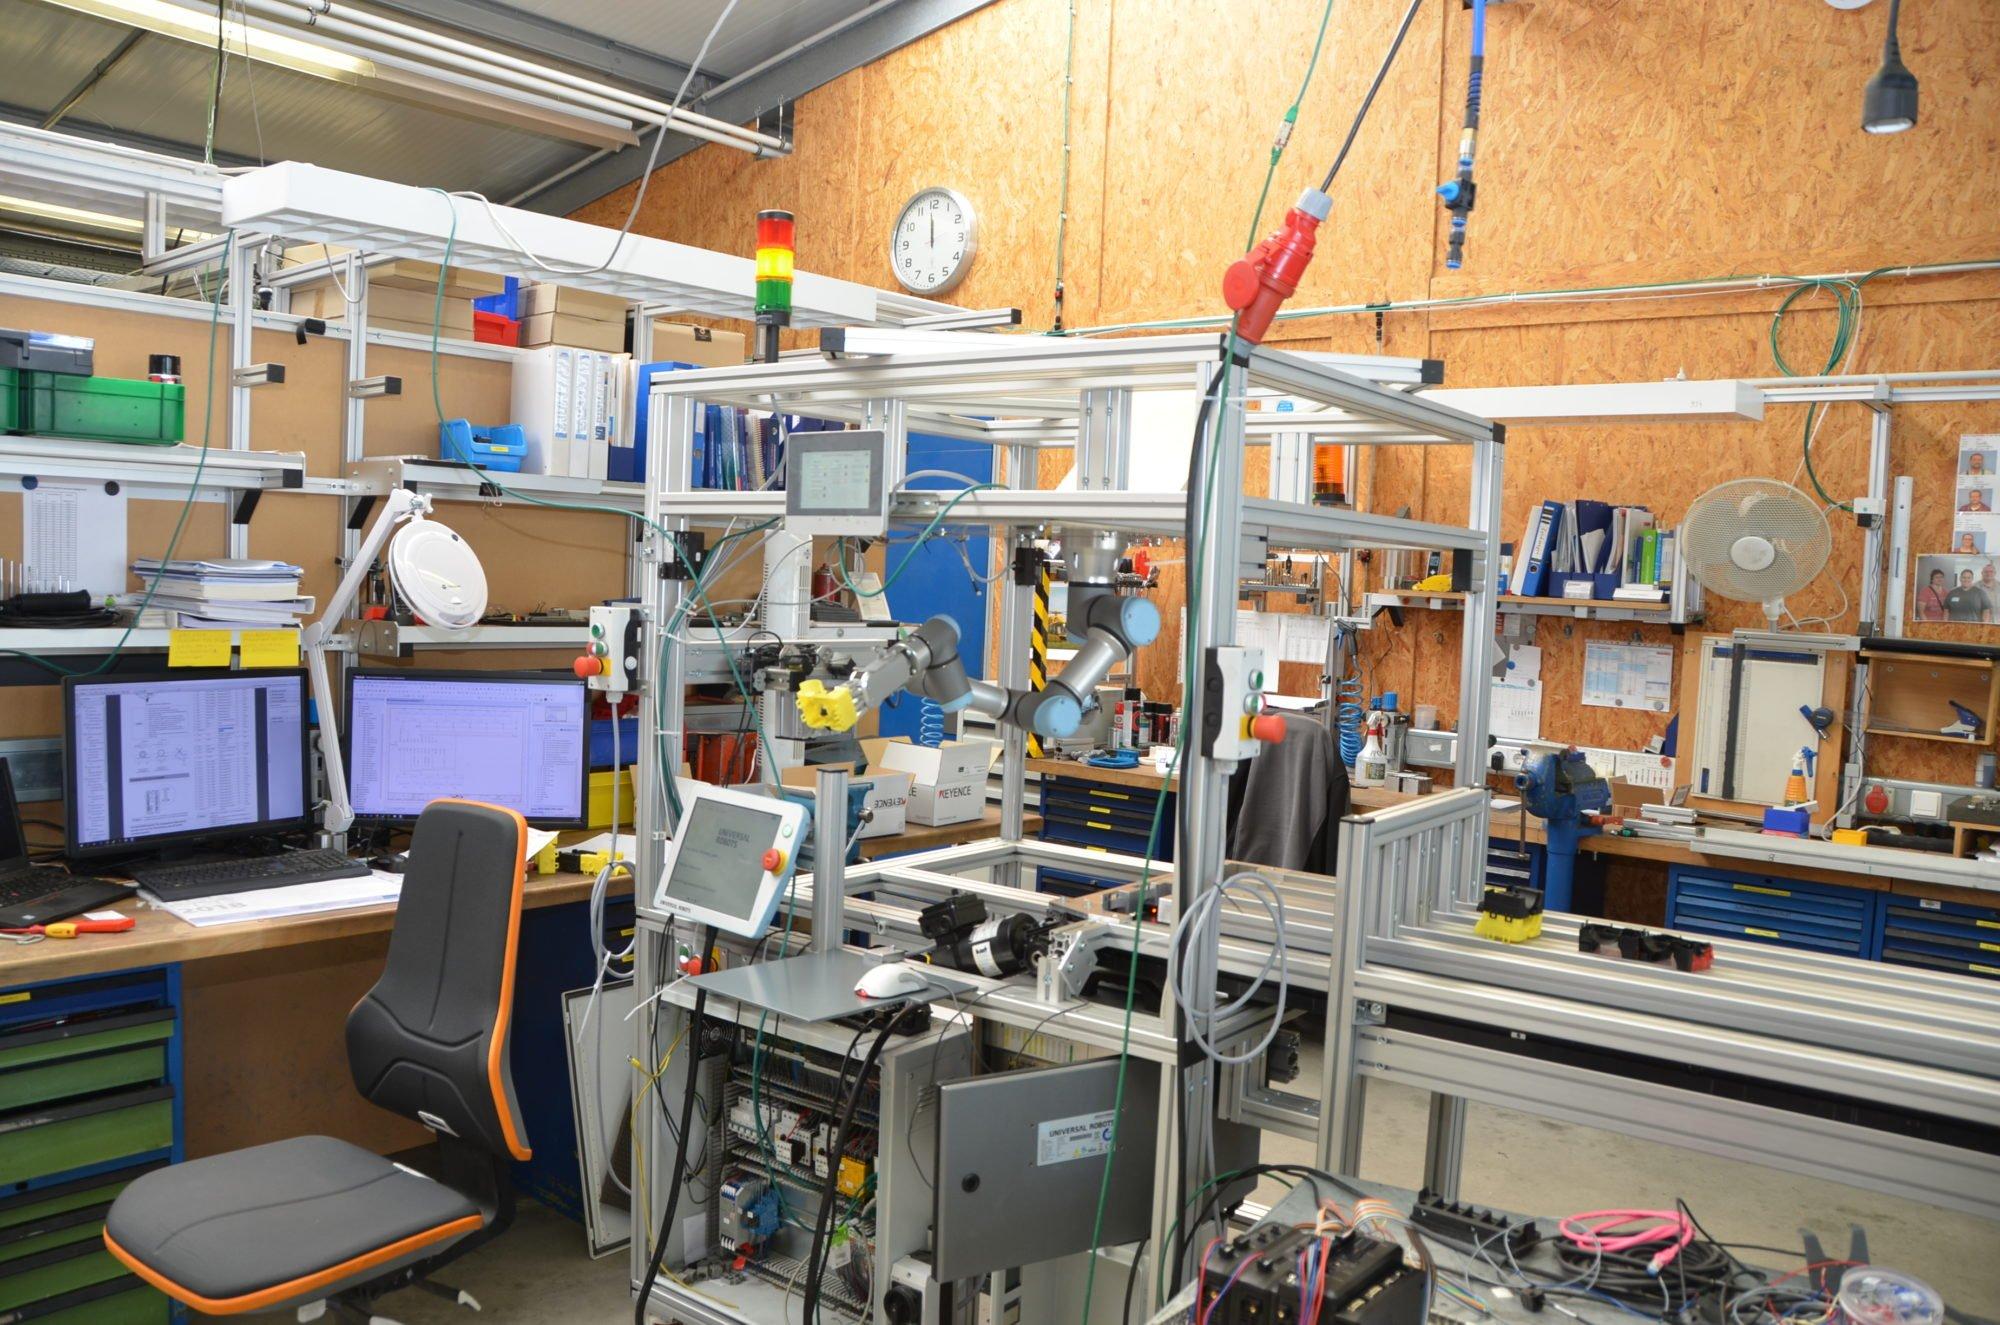 Eine in der Konstruktion befindliche Maschine mit Roboterarm.